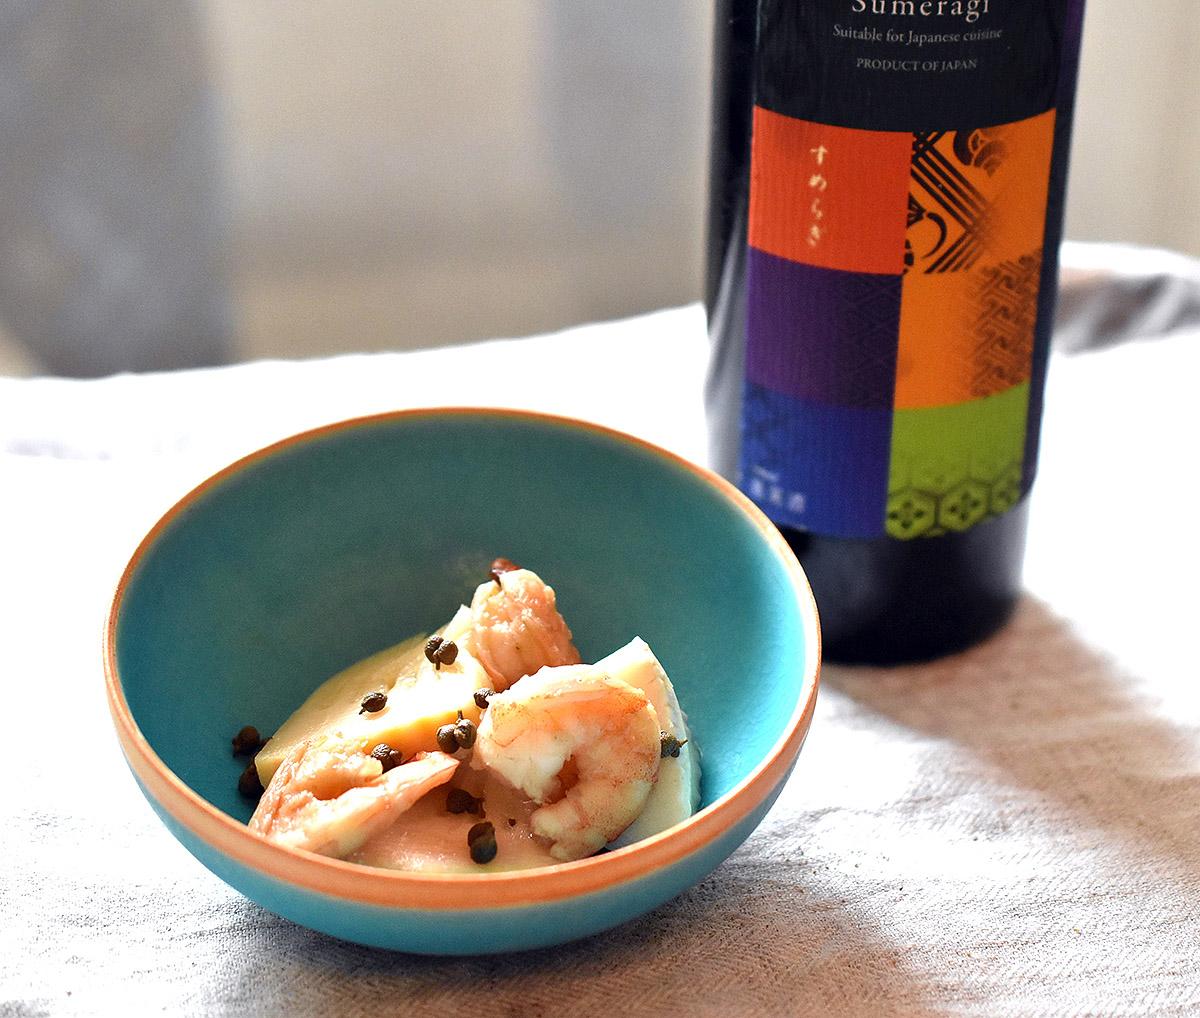 料理&ワイン:筍と海老 すめらぎ last